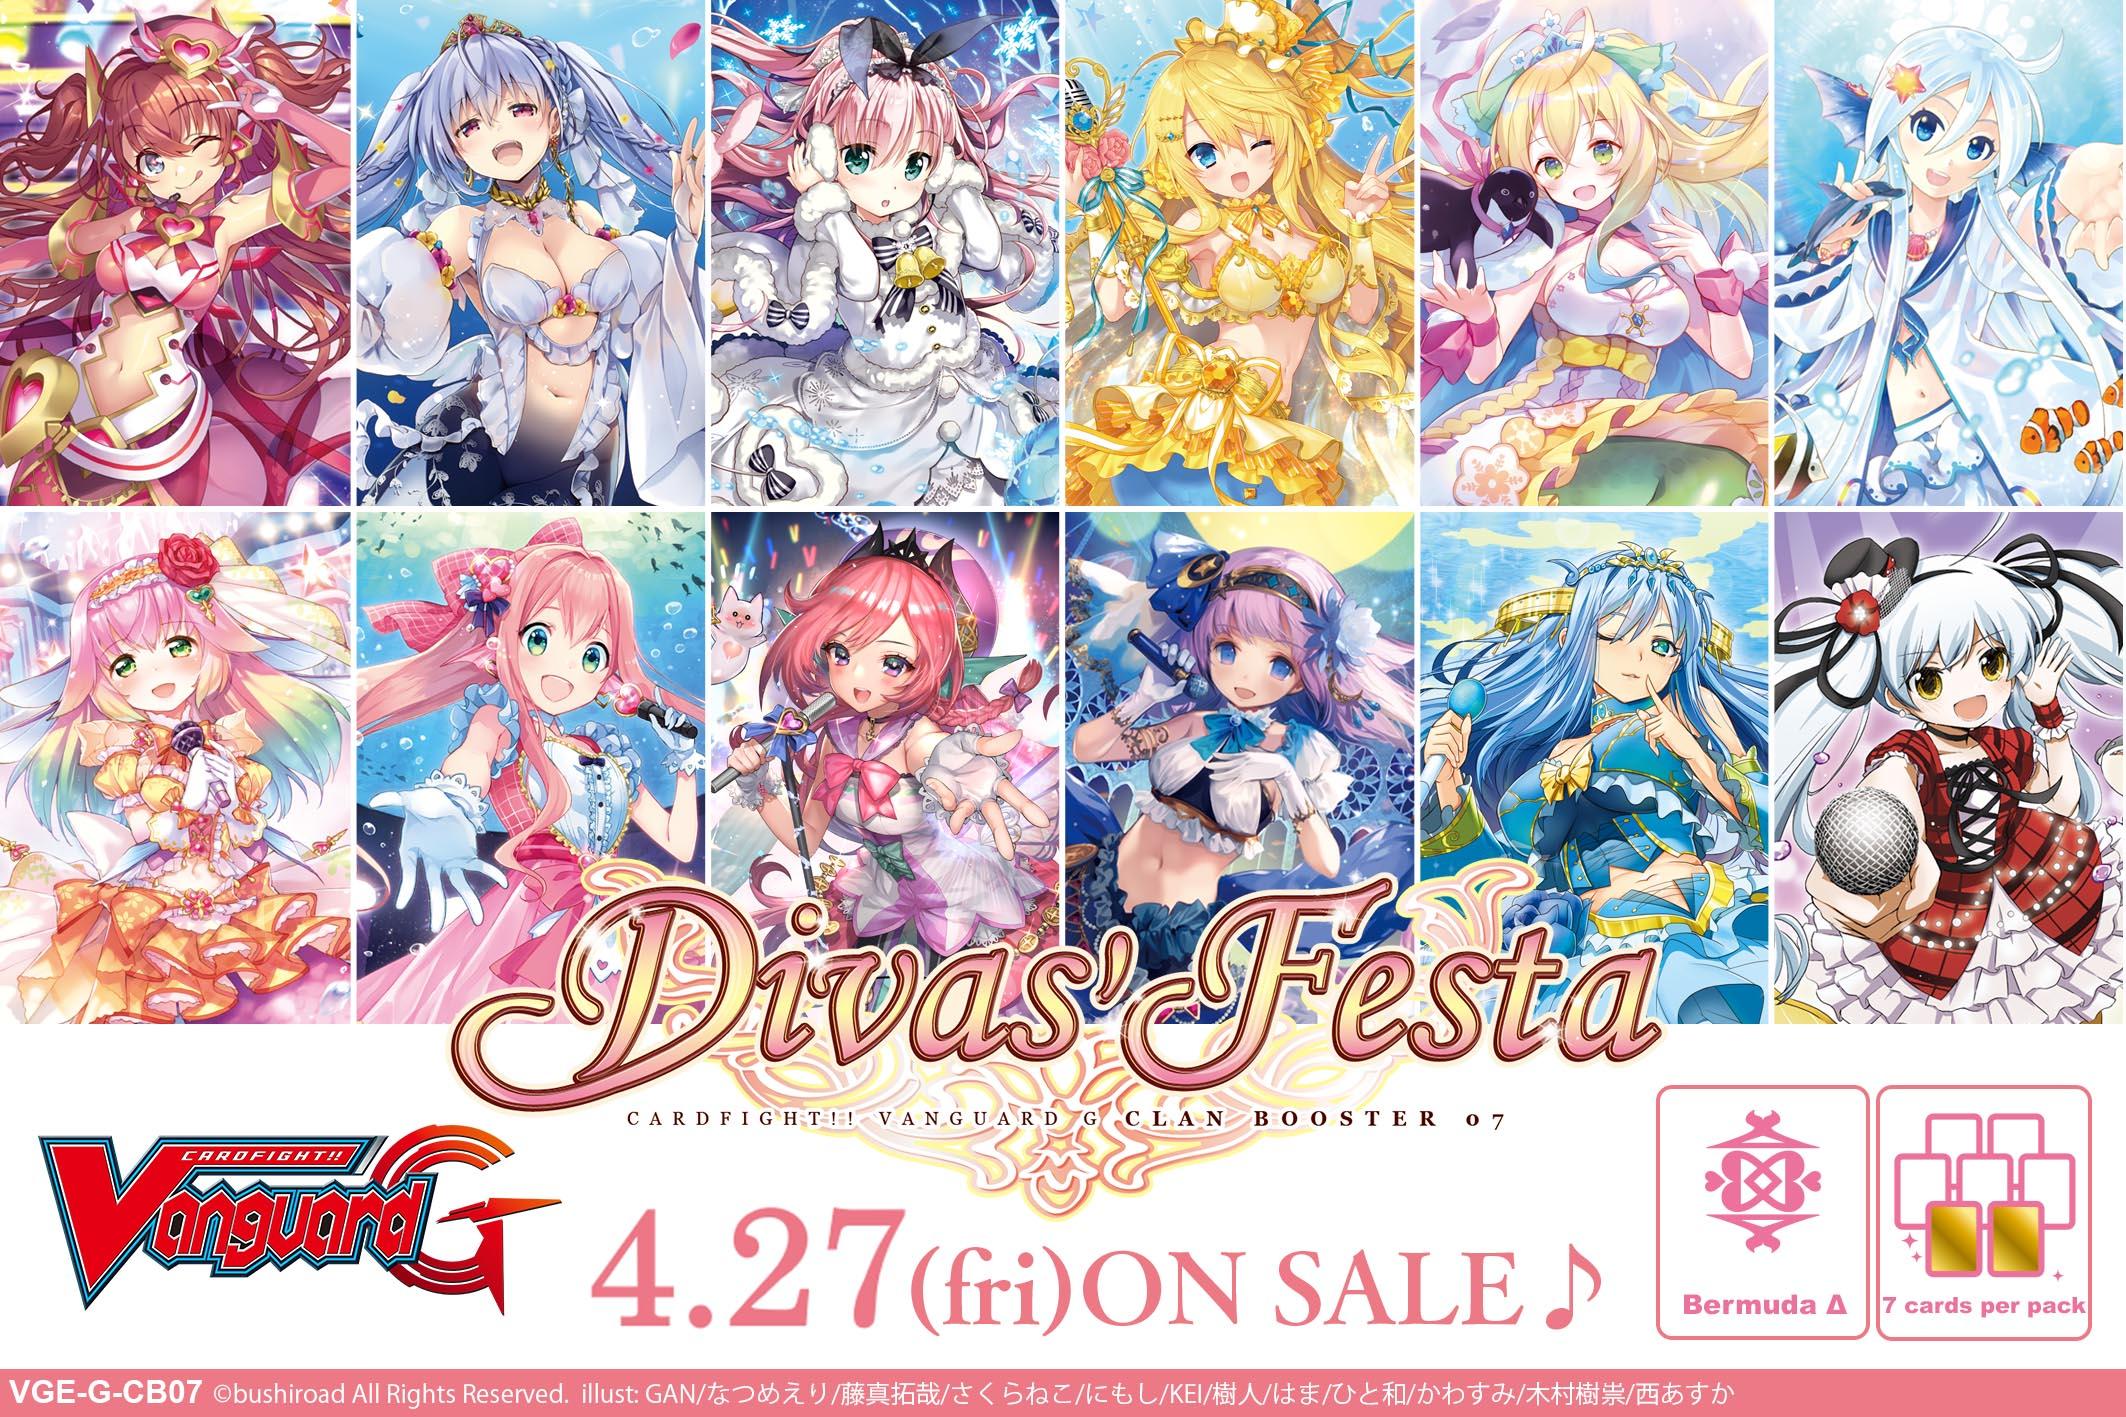 [G-CB07] Divas' Festa